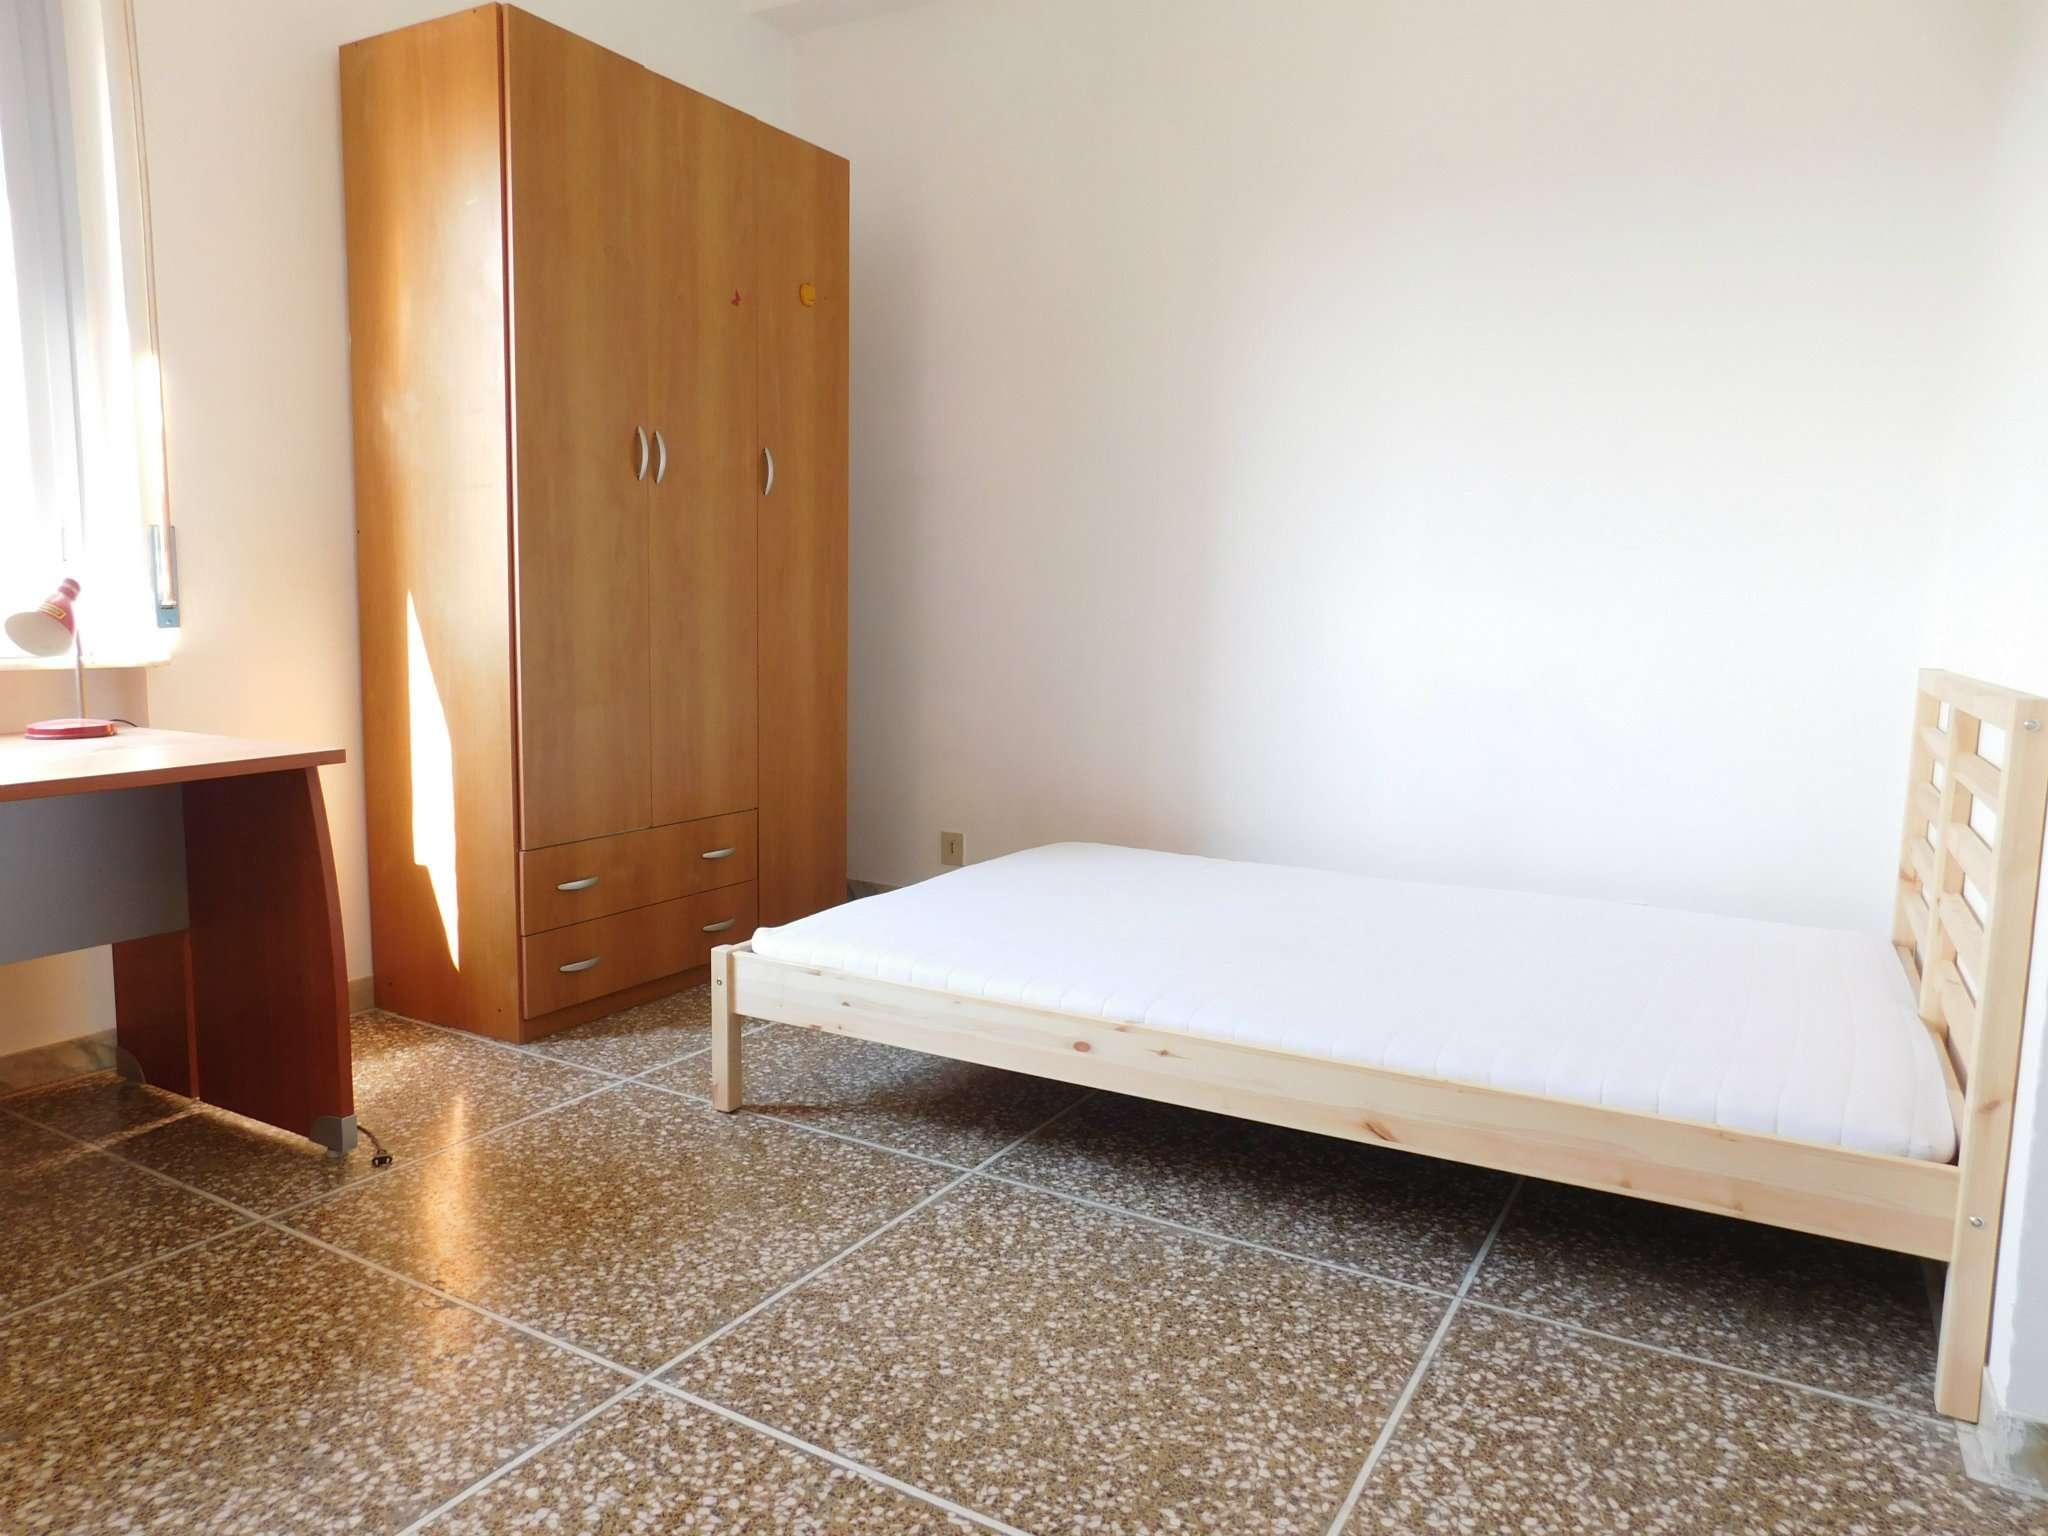 Appartamento con 3 camere - Centro Pisa -